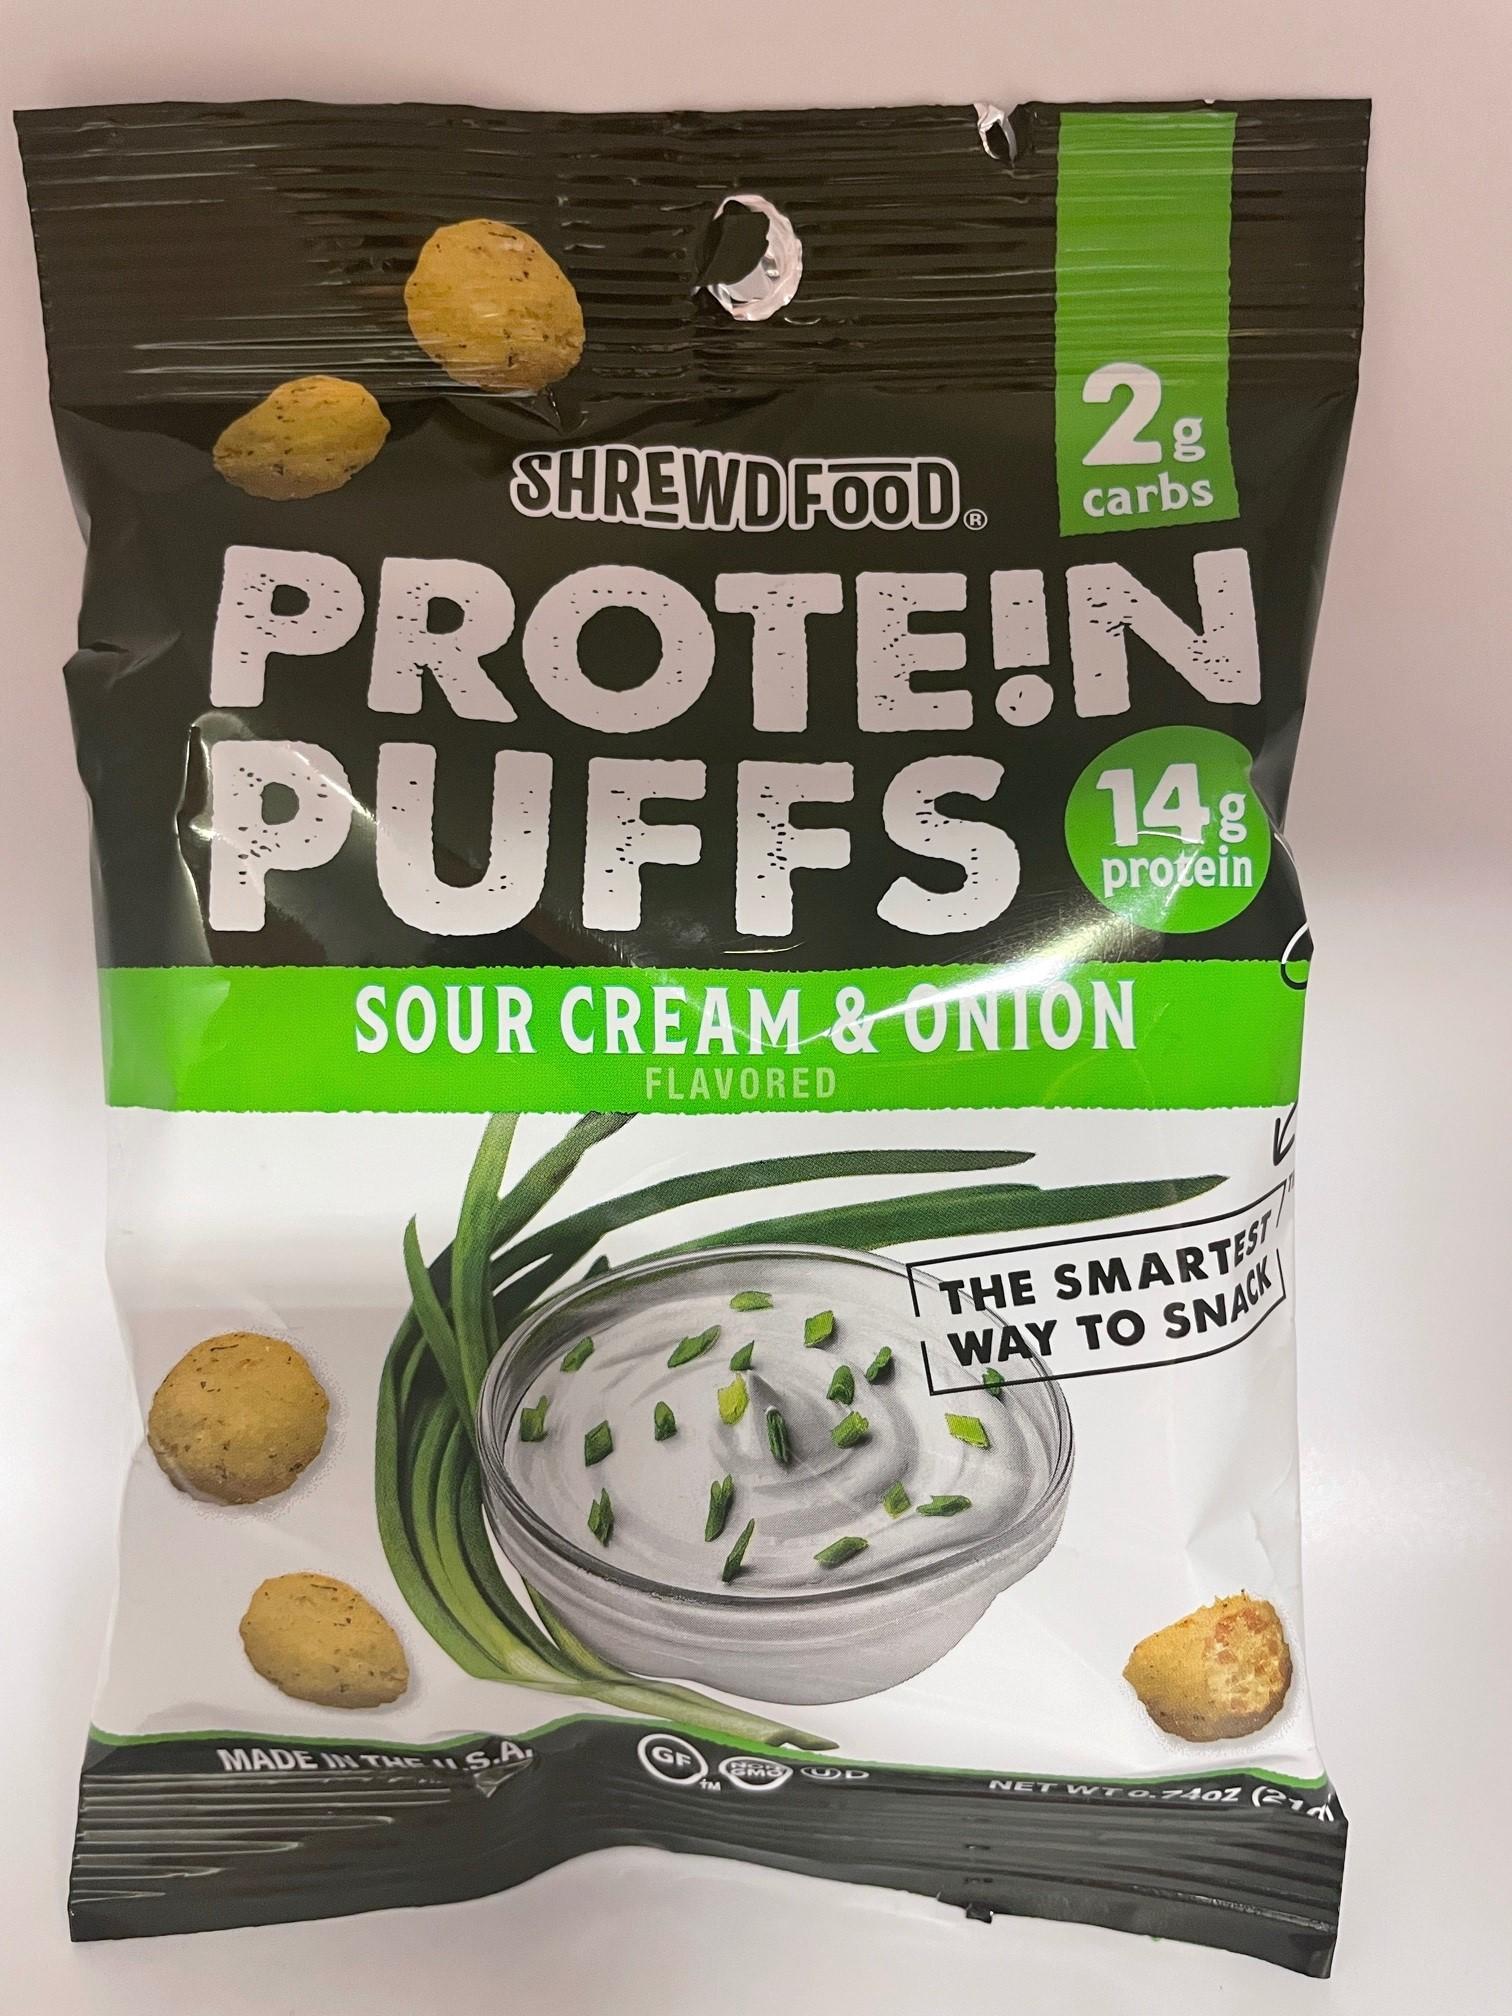 Sour Cream & Onion Protein Puffs